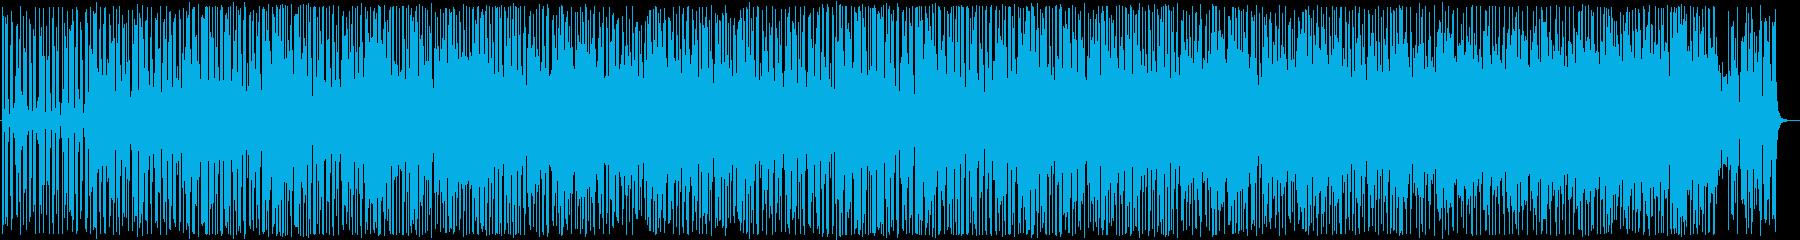 いくつかのオーケストラサウンドと非...の再生済みの波形